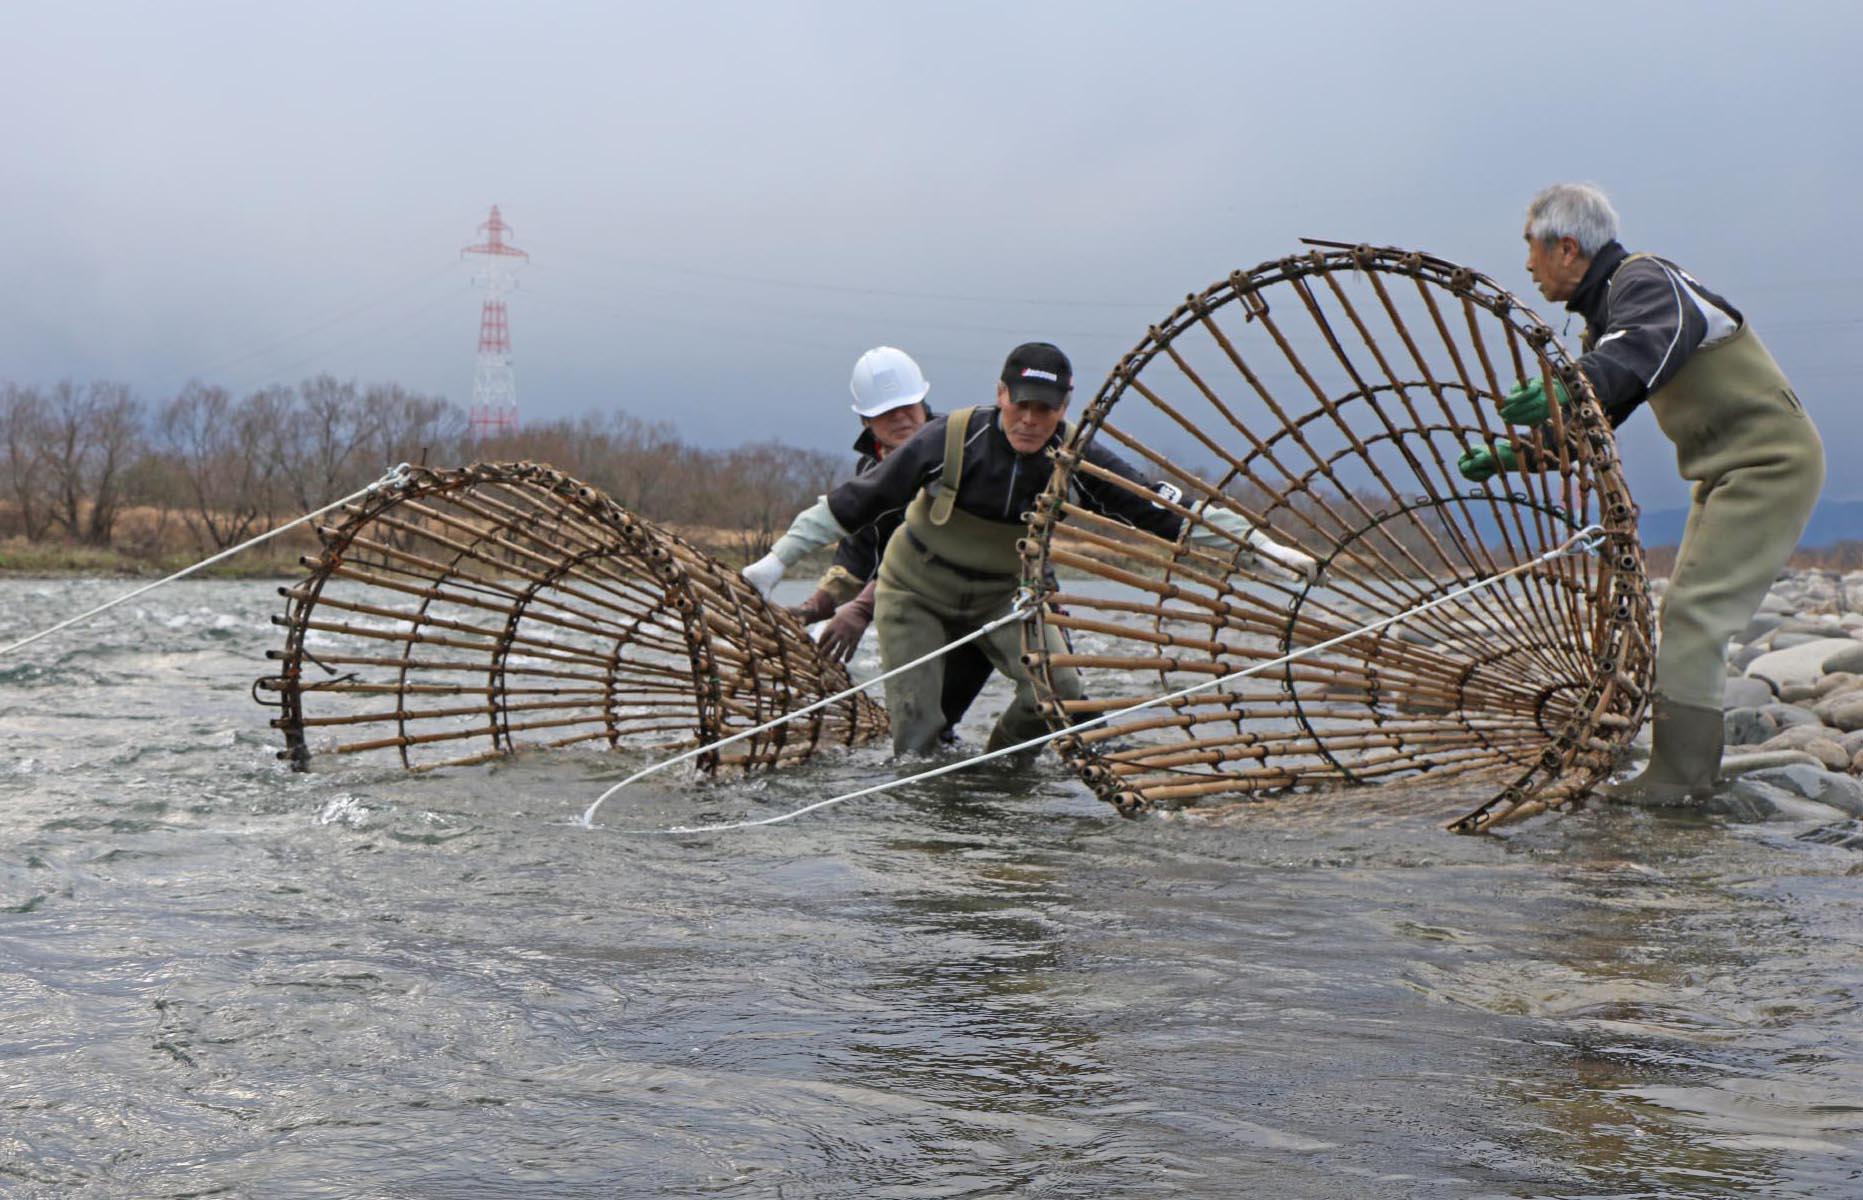 アラレガコ漁